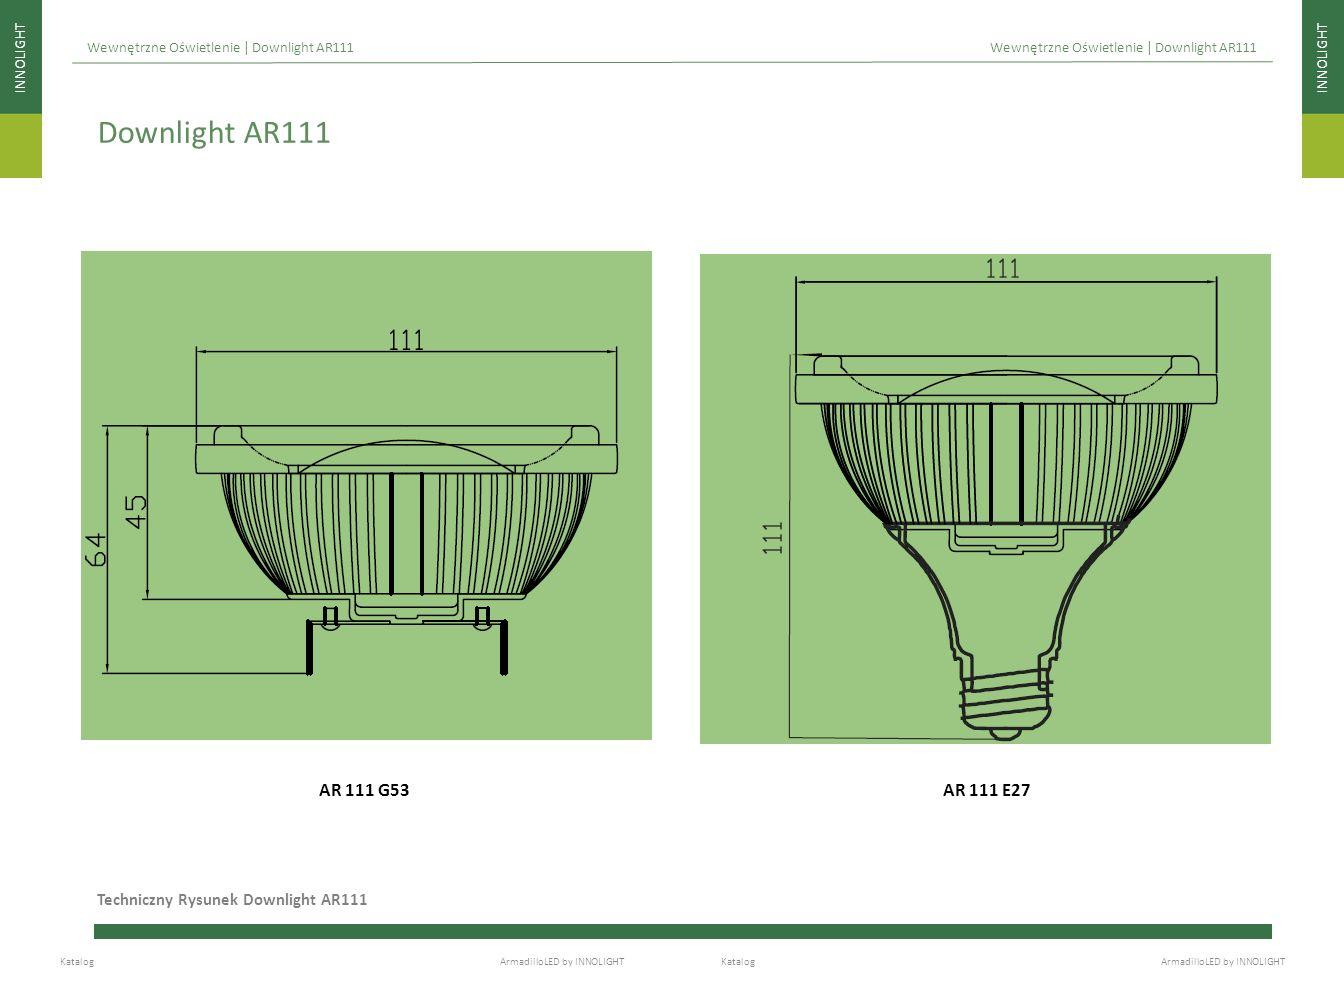 INNOLIGHT Katalog ArmadilloLED by INNOLIGHT Wewnętrzne Oświetlenie | Downlight AR111 Techniczny Rysunek Downlight AR111 Downlight AR111 AR 111 G53AR 1